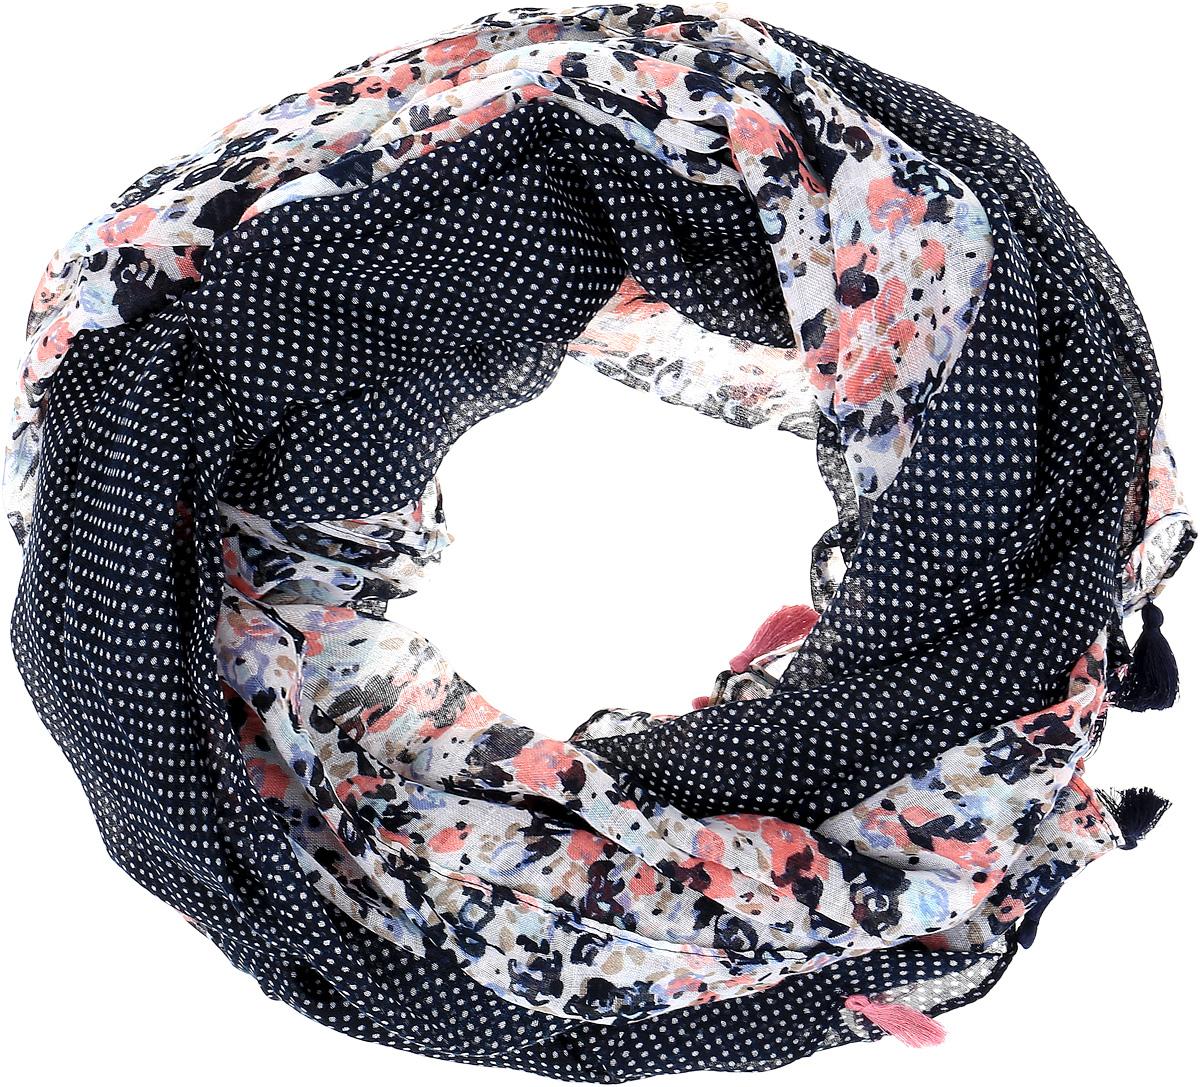 Палантин Sophie Ramage, цвет: темно-синий, розовый. SJ-21603-16. Размер 90 см х 180 смSJ-21603-16Элегантный палантин Sophie Ramage станет достойным завершением вашего образа. Палантин изготовлен из акрила с добавлением высококачественной шерсти. Модель оформлена цветочным принтом, который дополнен мелким горошком. Изящность придают небольшие кисточки по краям изделия. Палантин красиво драпируется, он превосходно дополнит любой наряд и подчеркнет ваш изысканный вкус. Легкий и изящный палантин привнесет в ваш образ утонченность и шарм.